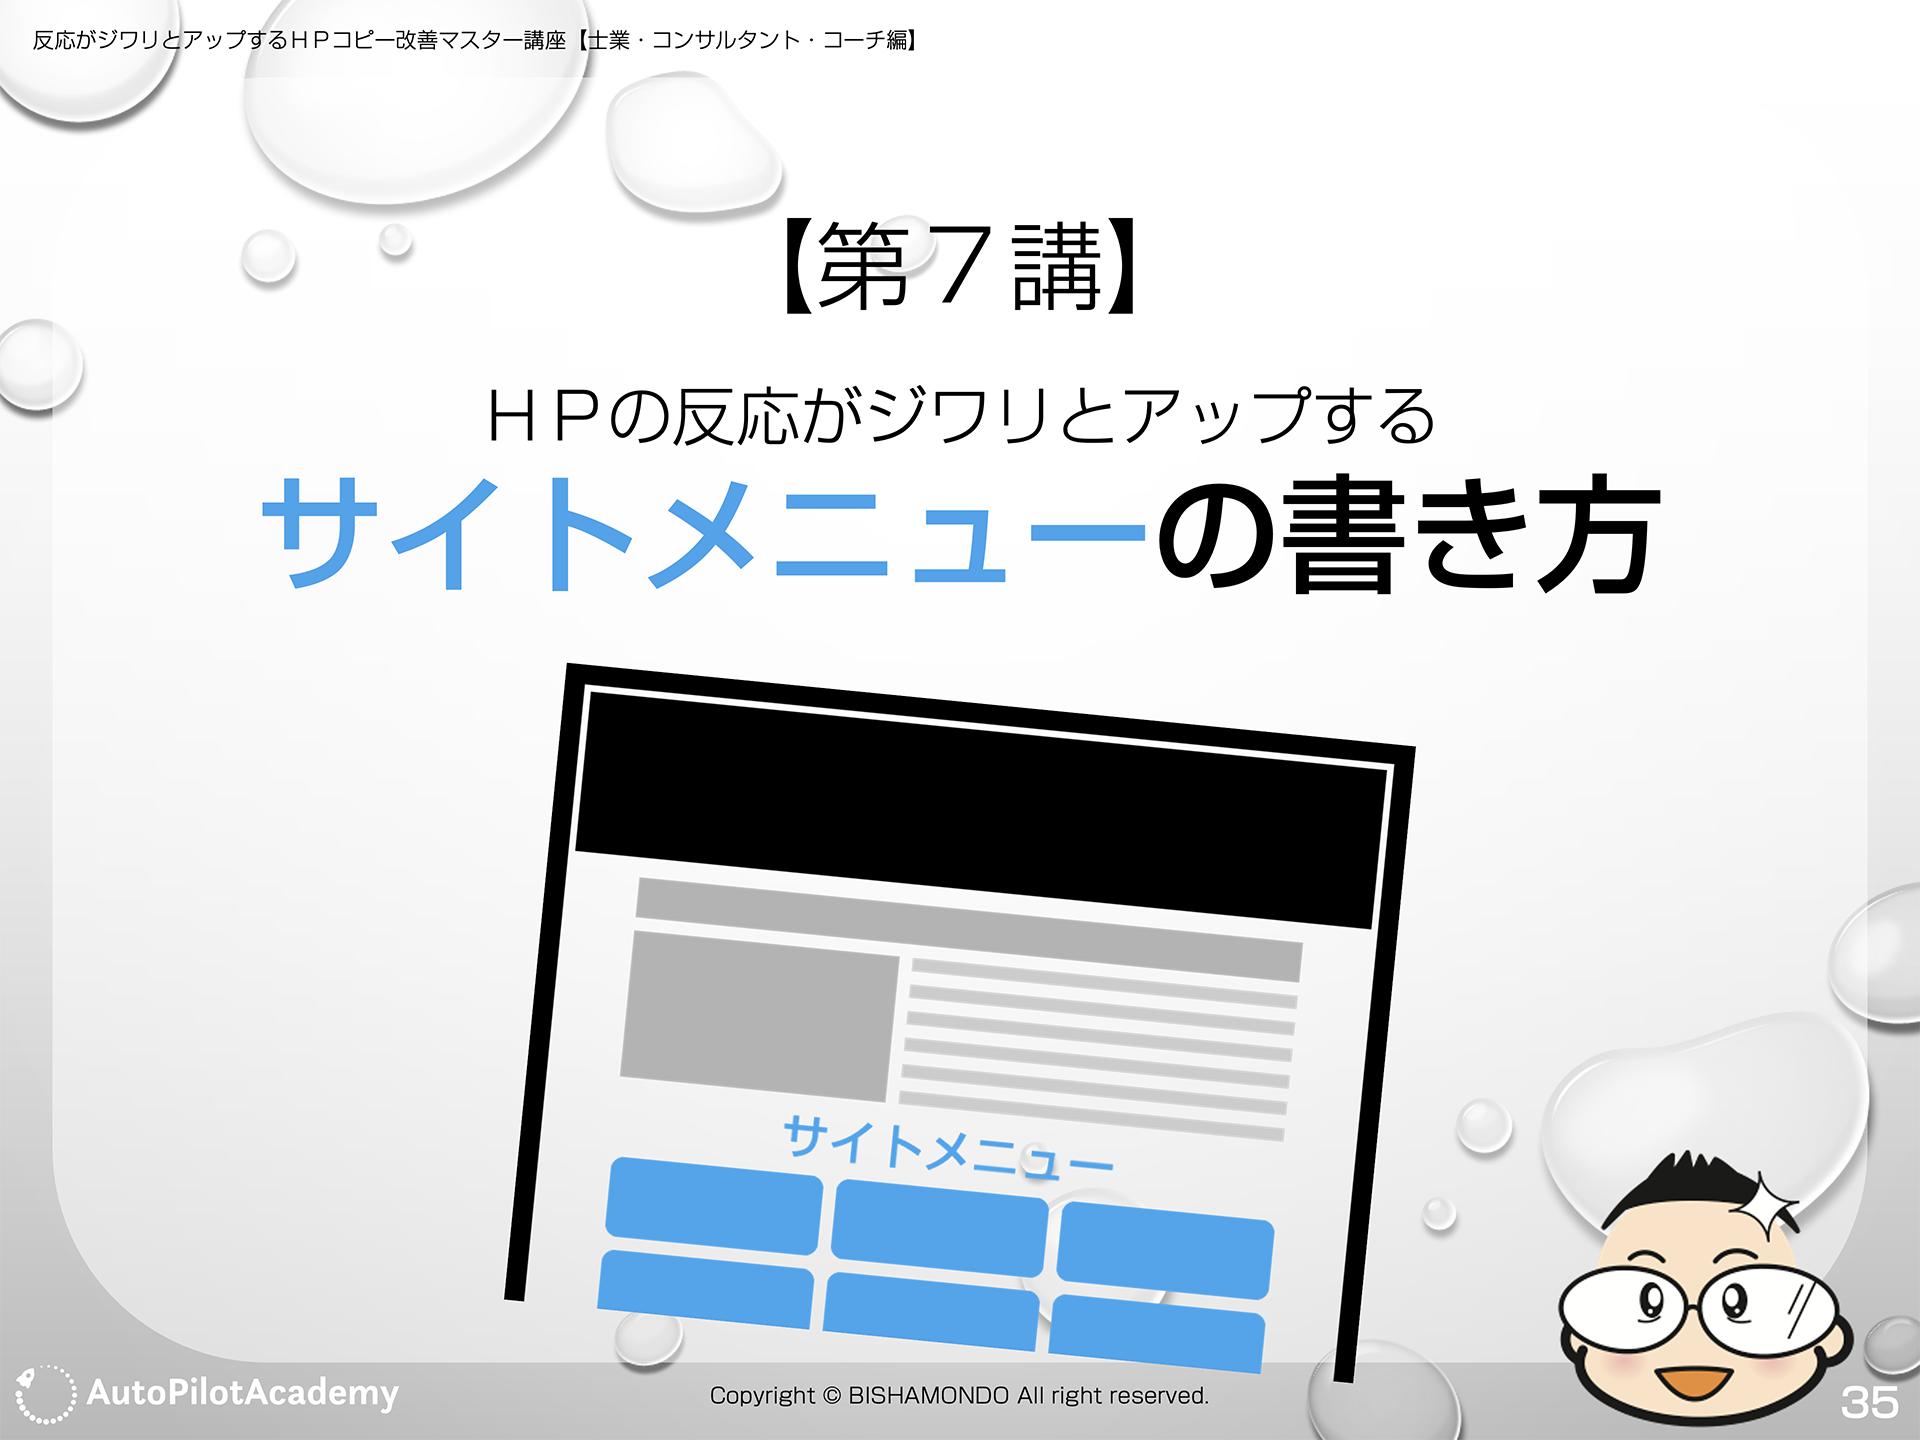 【第7講】HPの反応がジワリとアップするサイトメニューの書き方